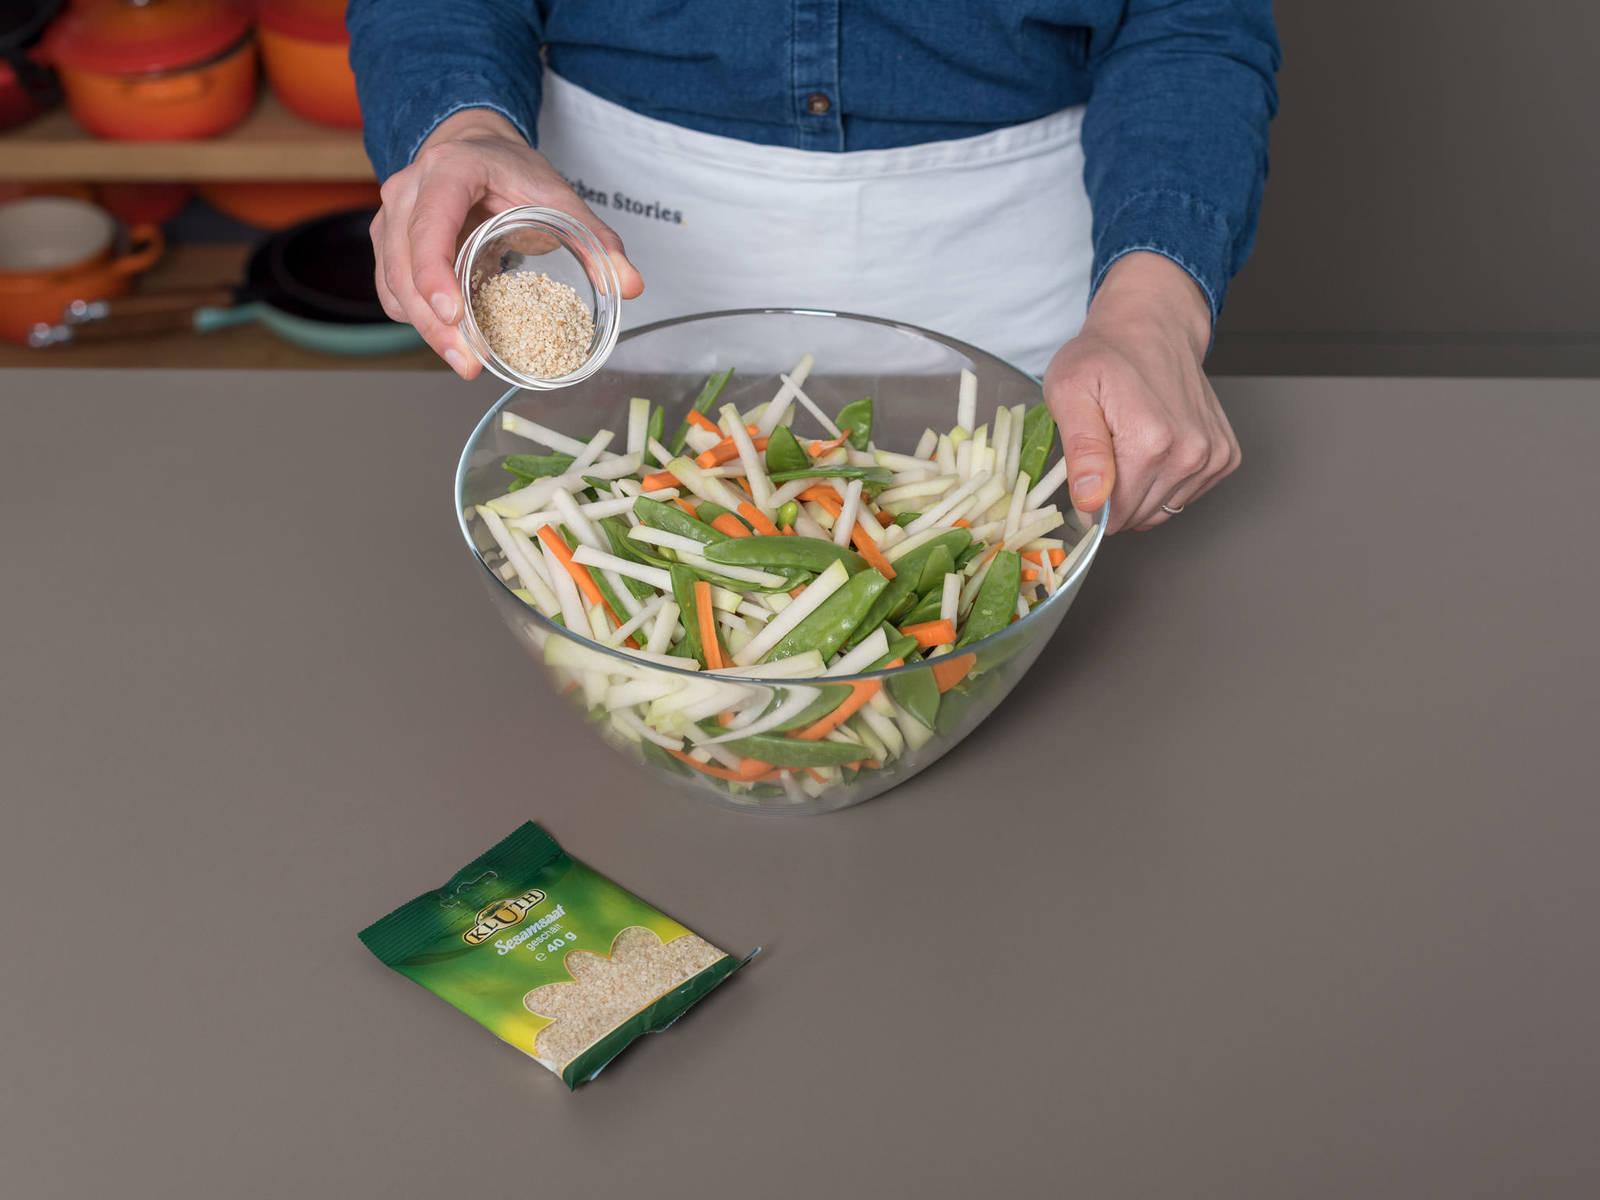 将足够的酱汁倒入沙拉中,充分搅拌,然后撒上烘烤过的芝麻粒。搅拌均匀。尽情享用吧!